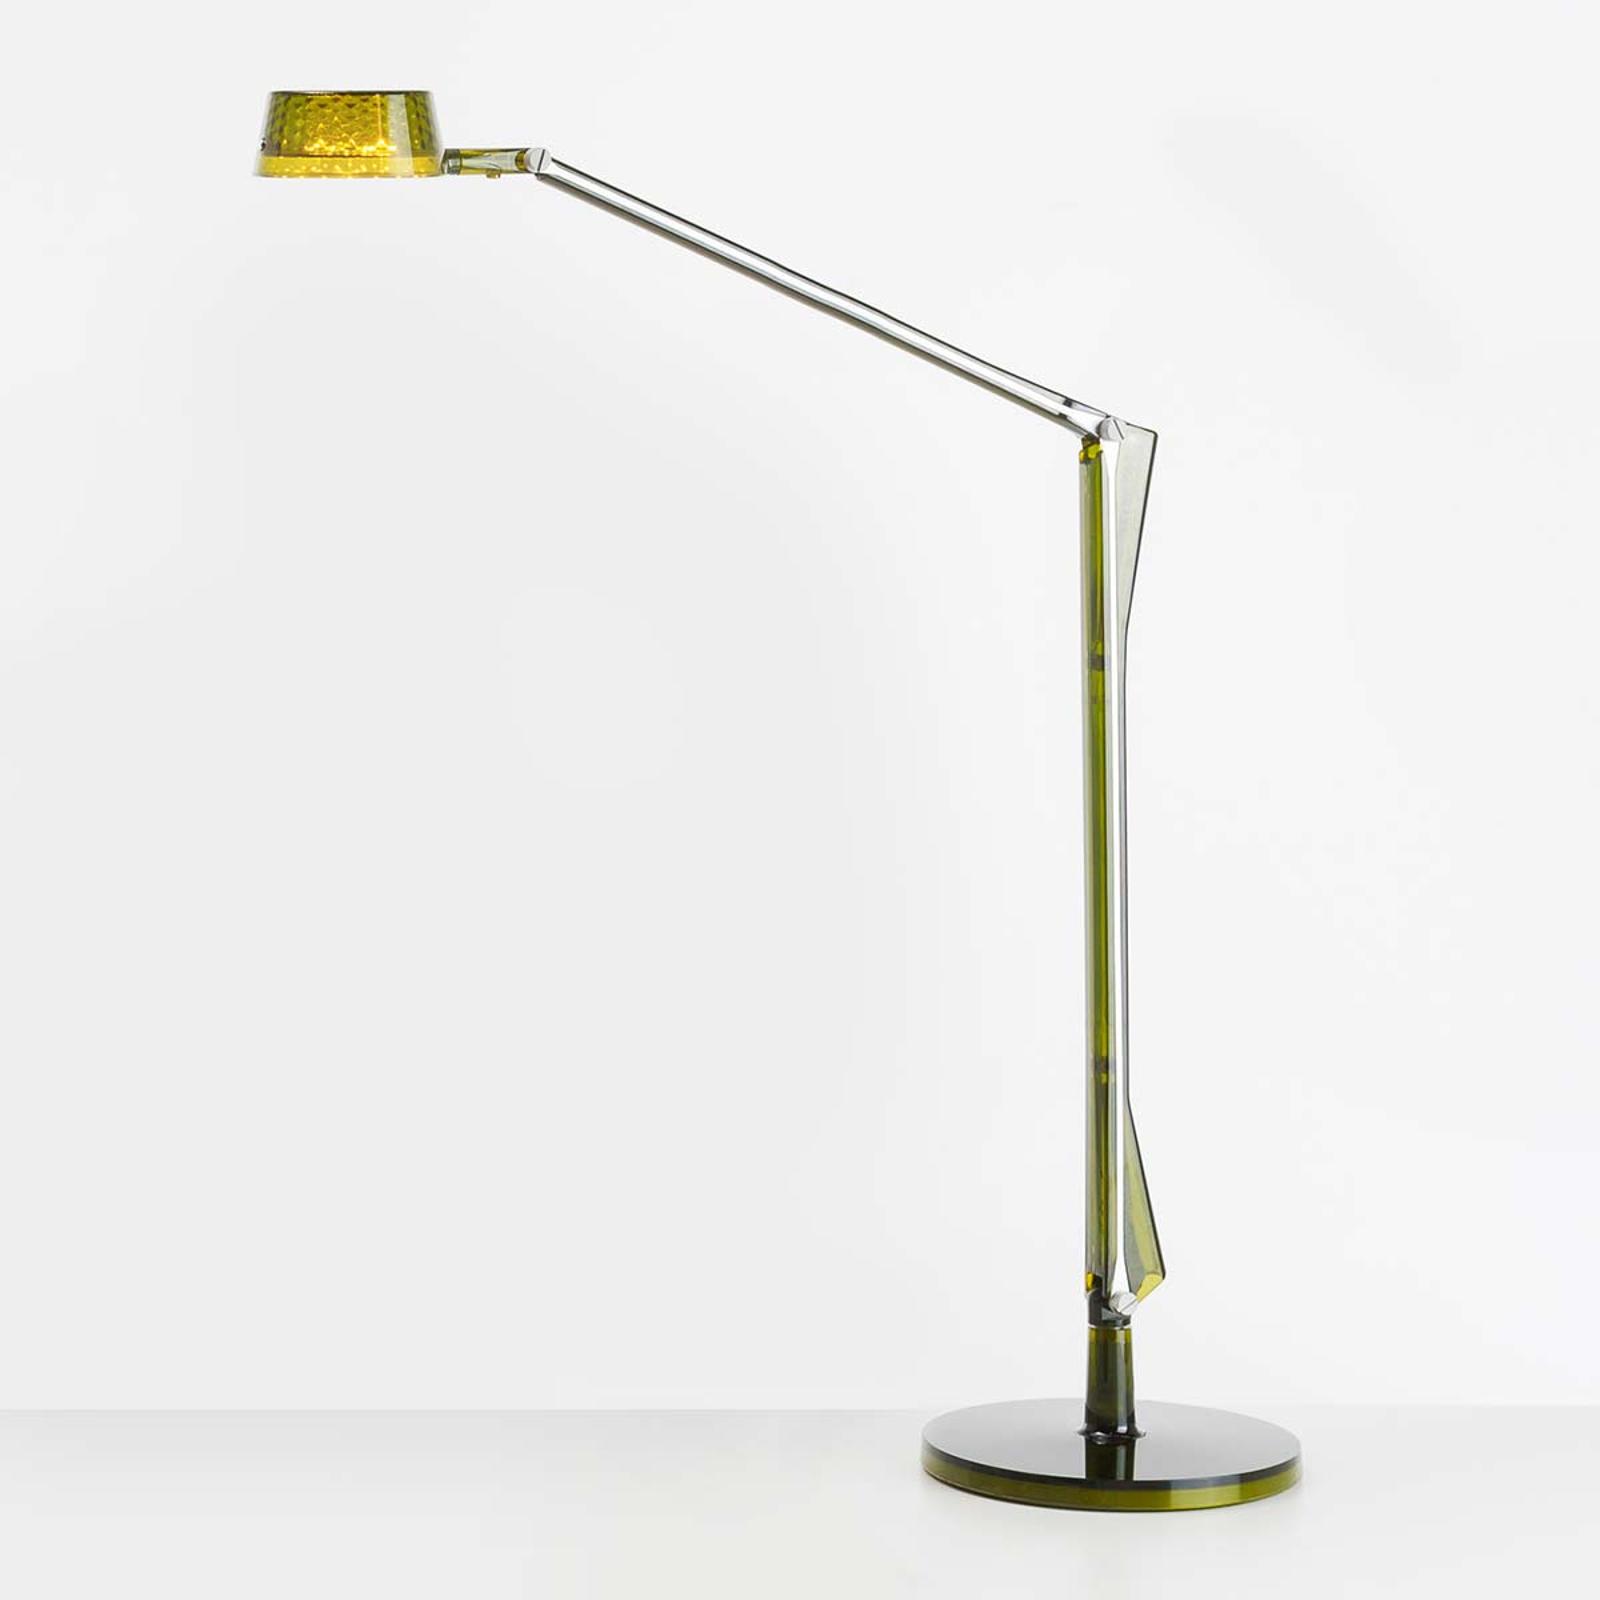 Kartell Aledin Dec - LED-Tischlampe, grün